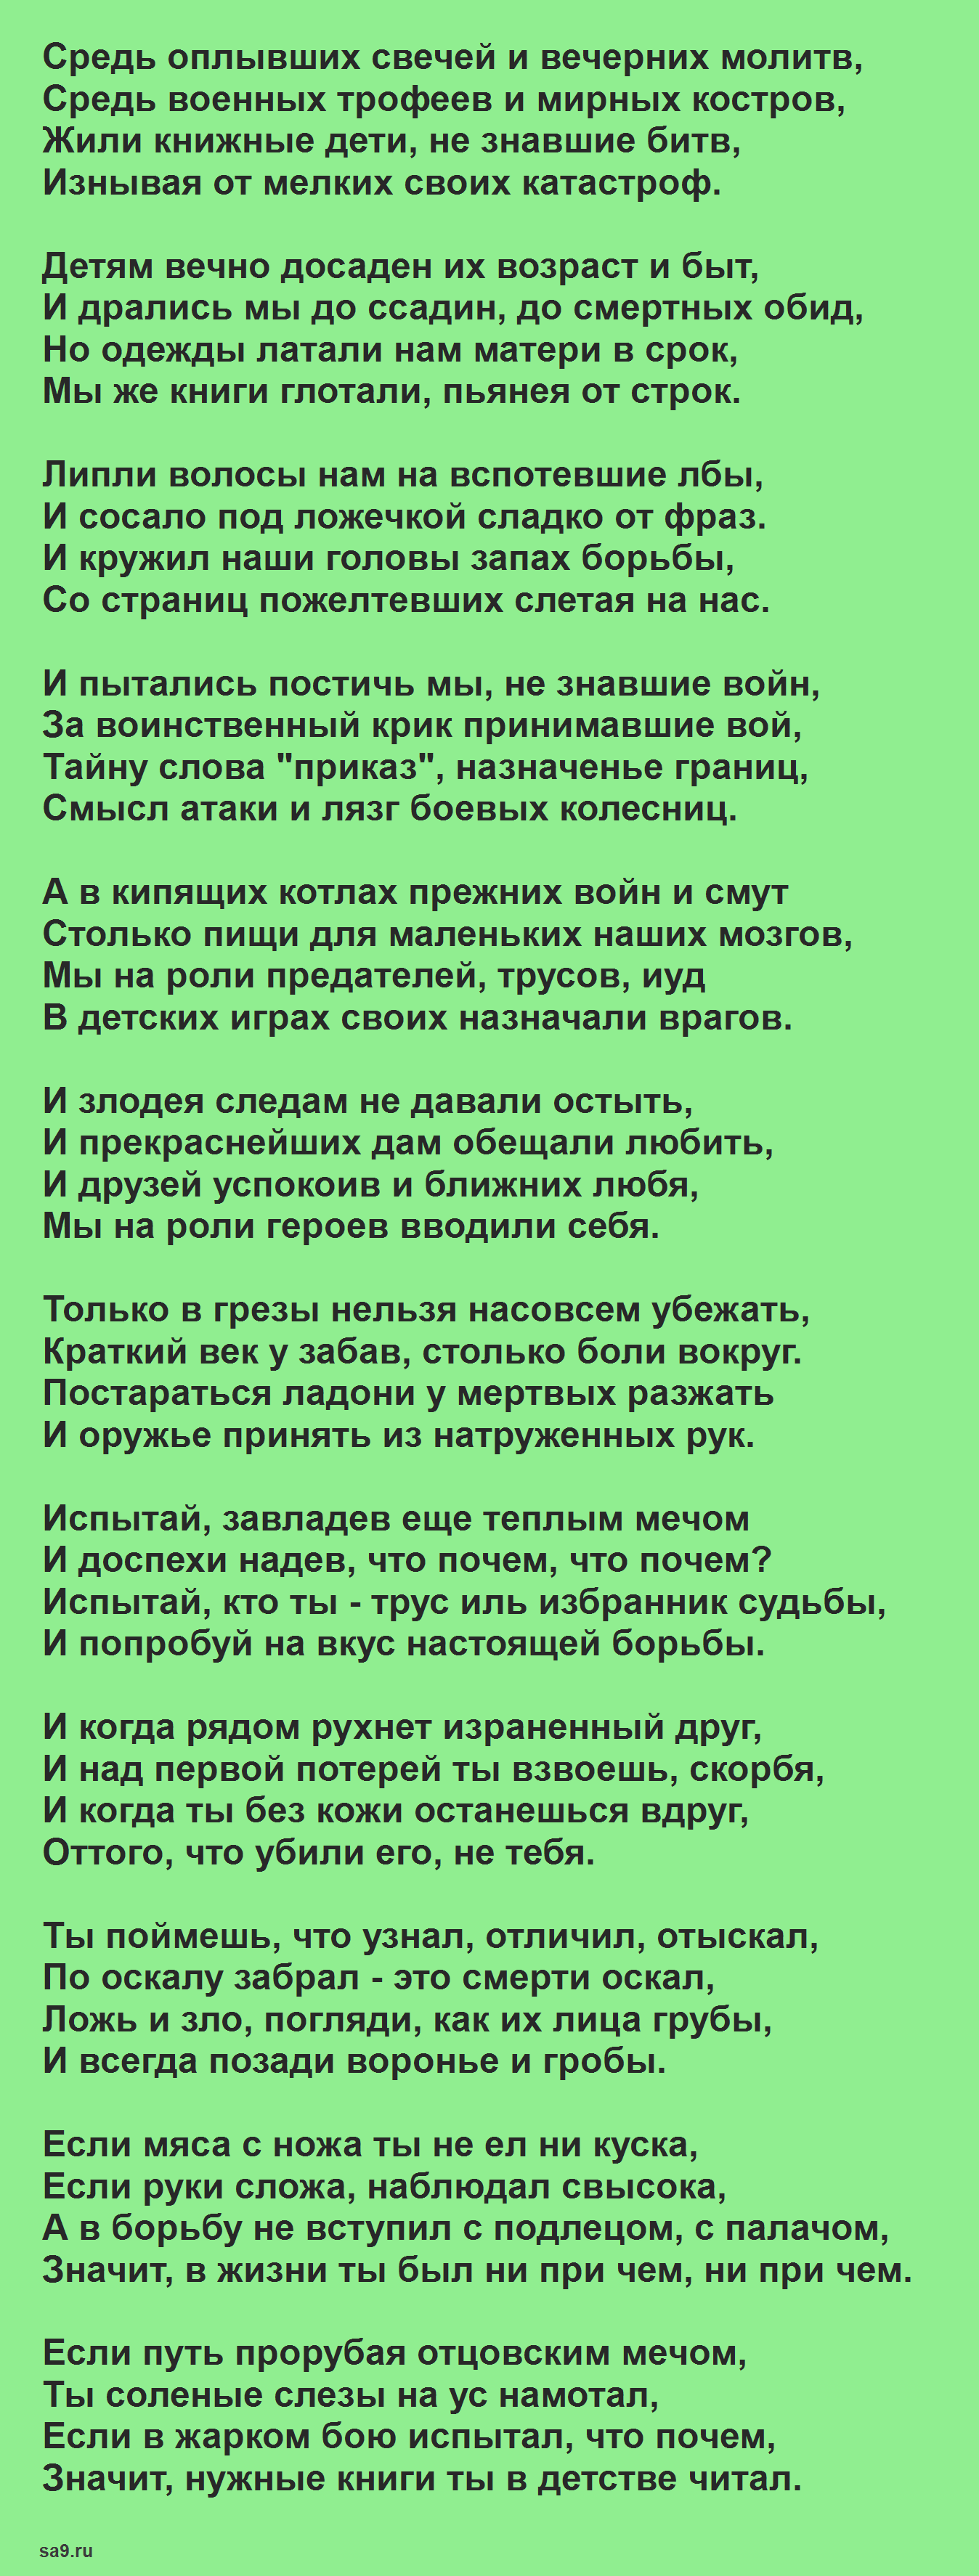 Песня - Баллада о борьбе, Высоцкий